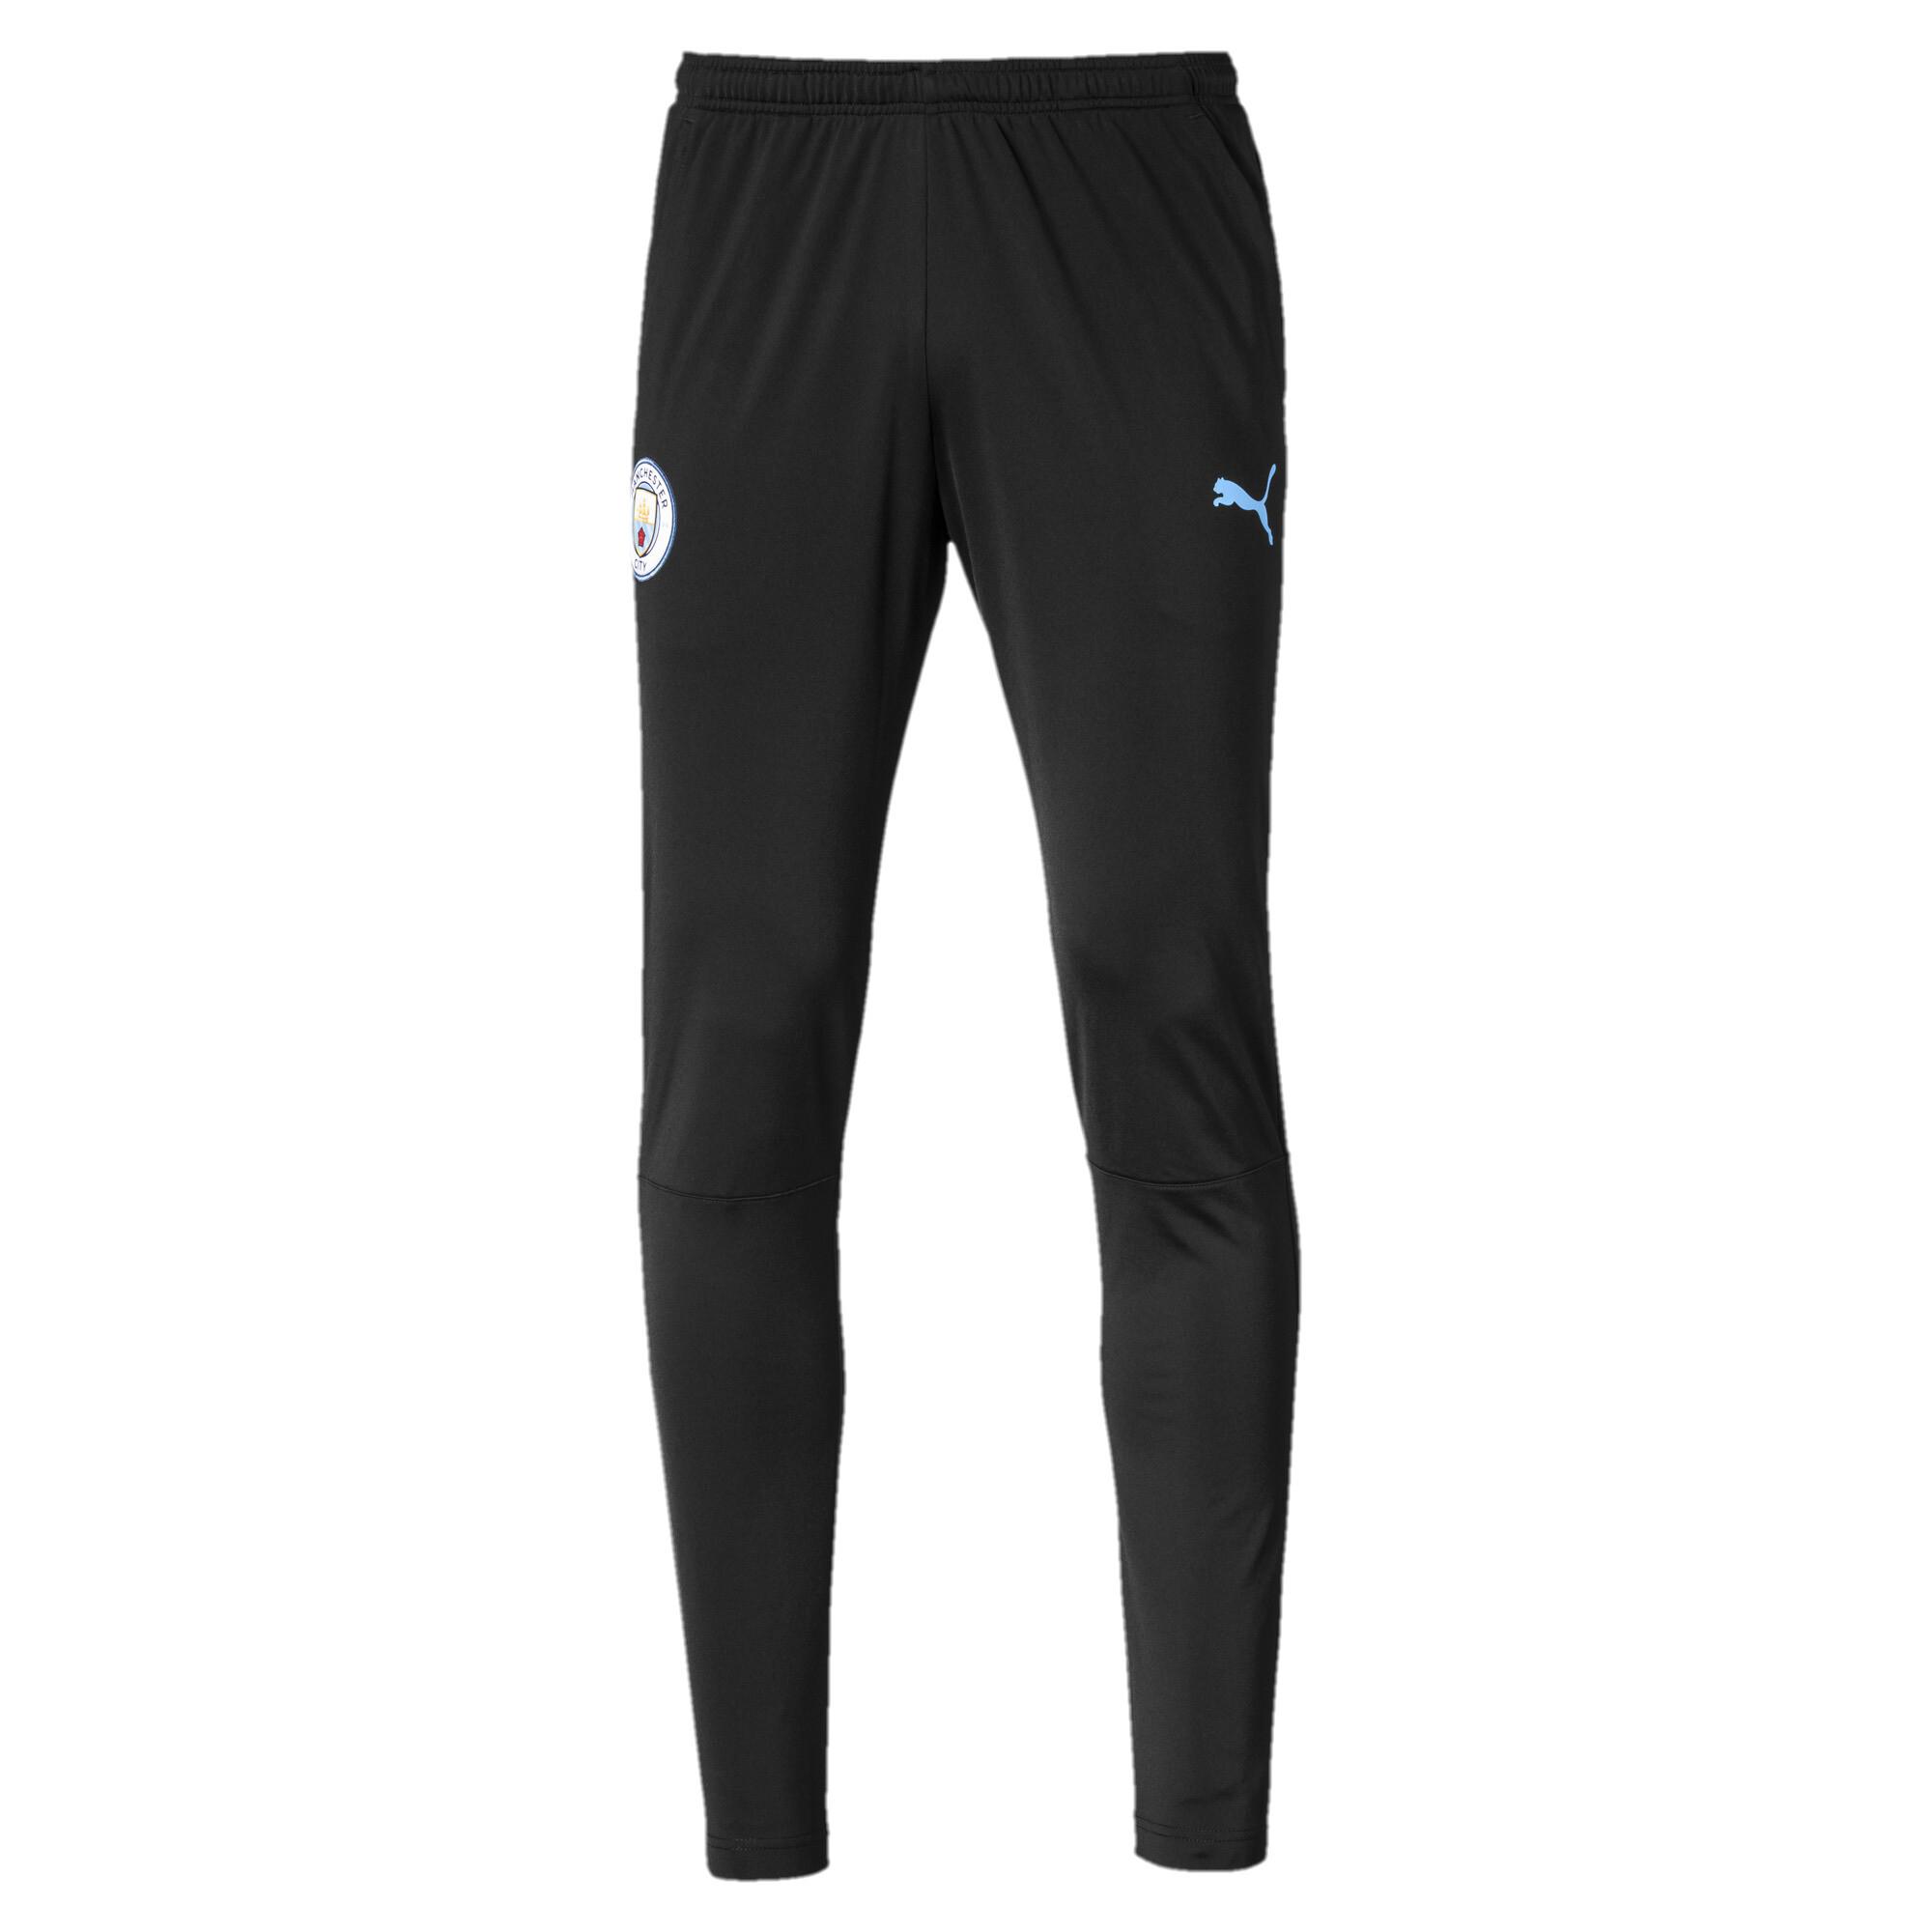 6838271c6898 Мужские спортивные штаны и брюки PUMA: утепленные зимние и летние модели